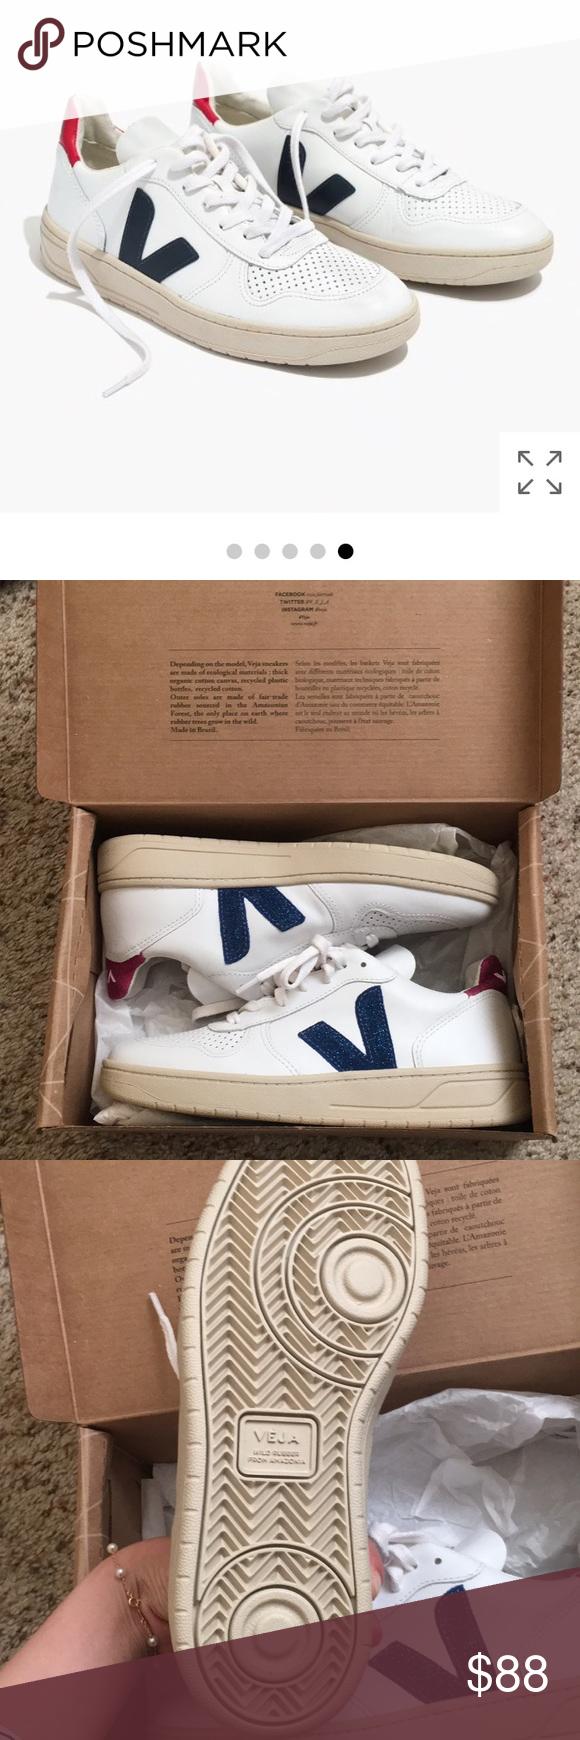 VEJA SNEAKER IN 39 | Veja sneakers